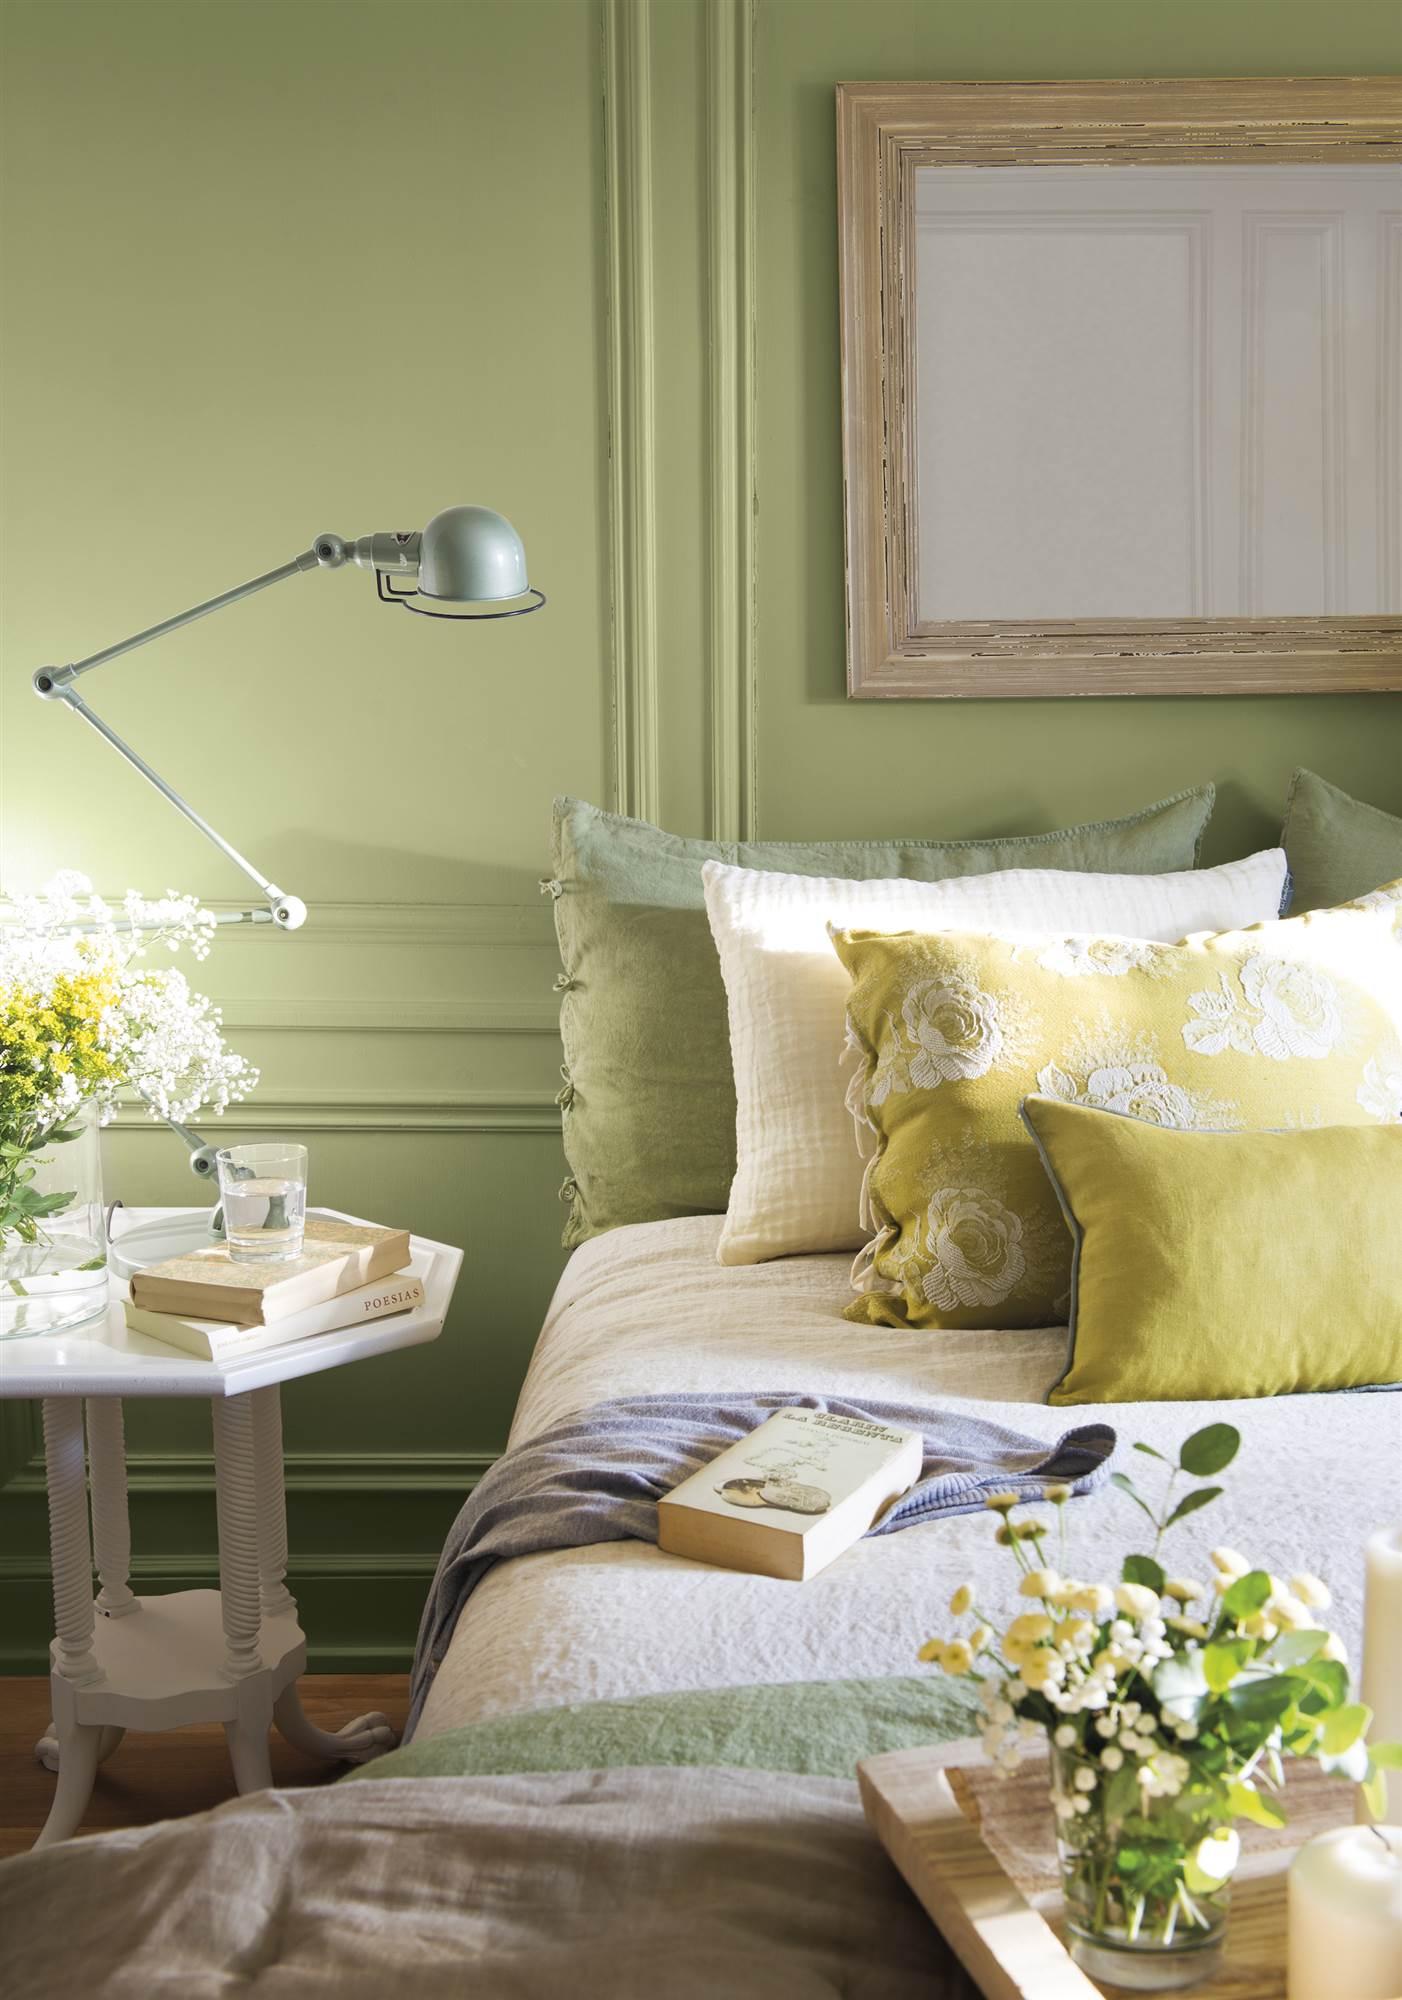 Cabeceros de cama originales for Decoracion con espejos en paredes